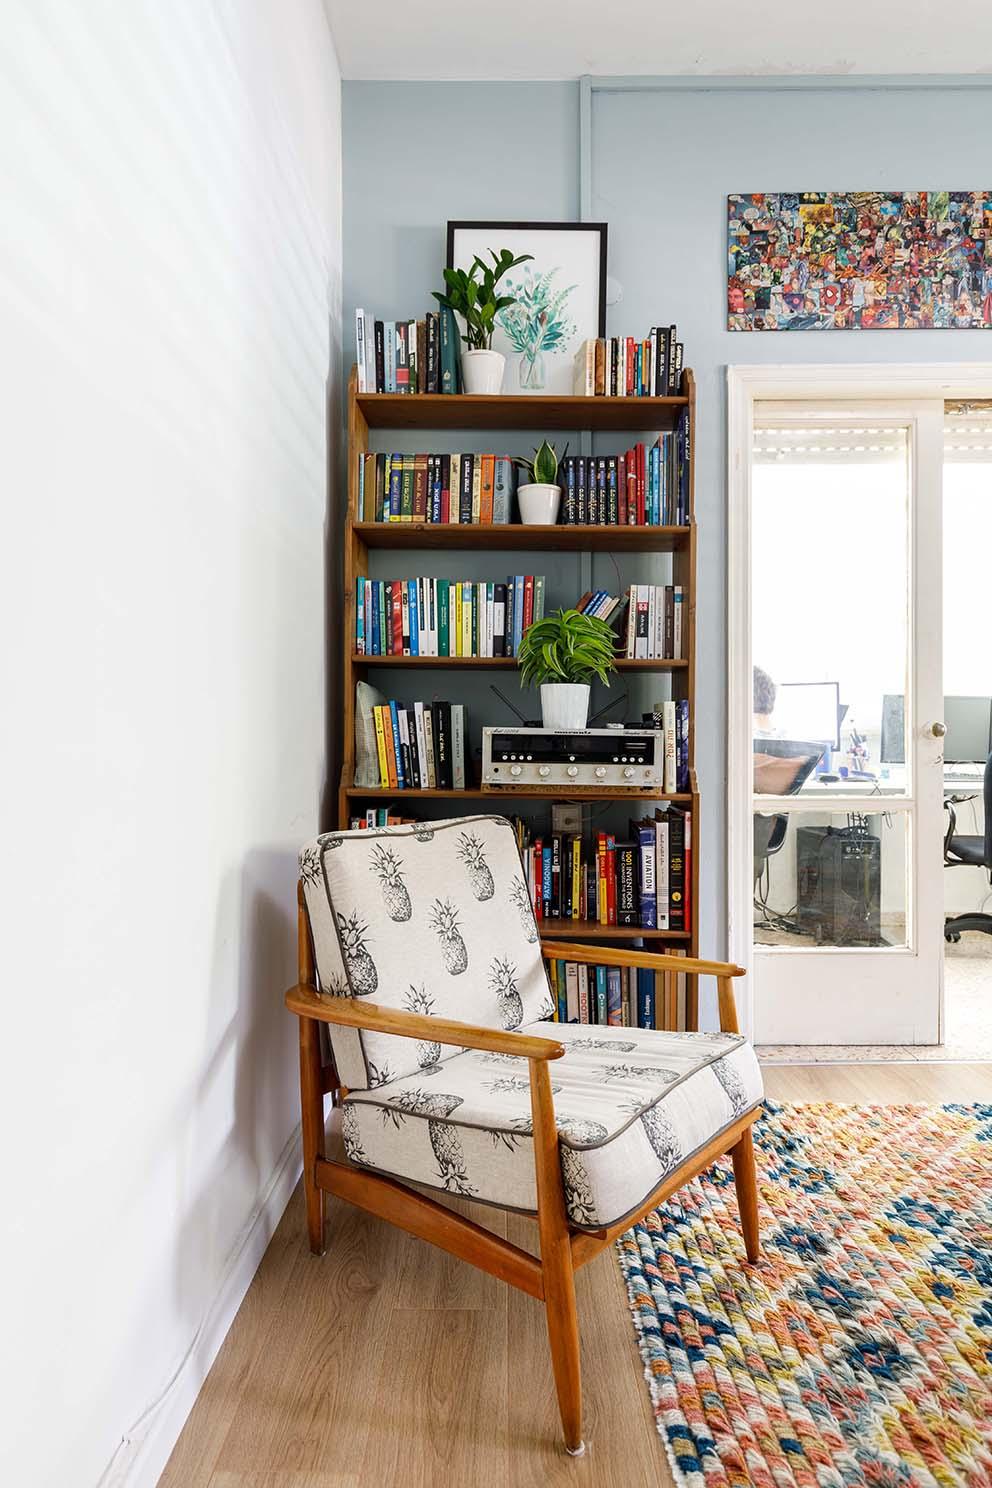 עיצוב: טל מידן, צילום: אורית ארנון, www.pnim.co.il